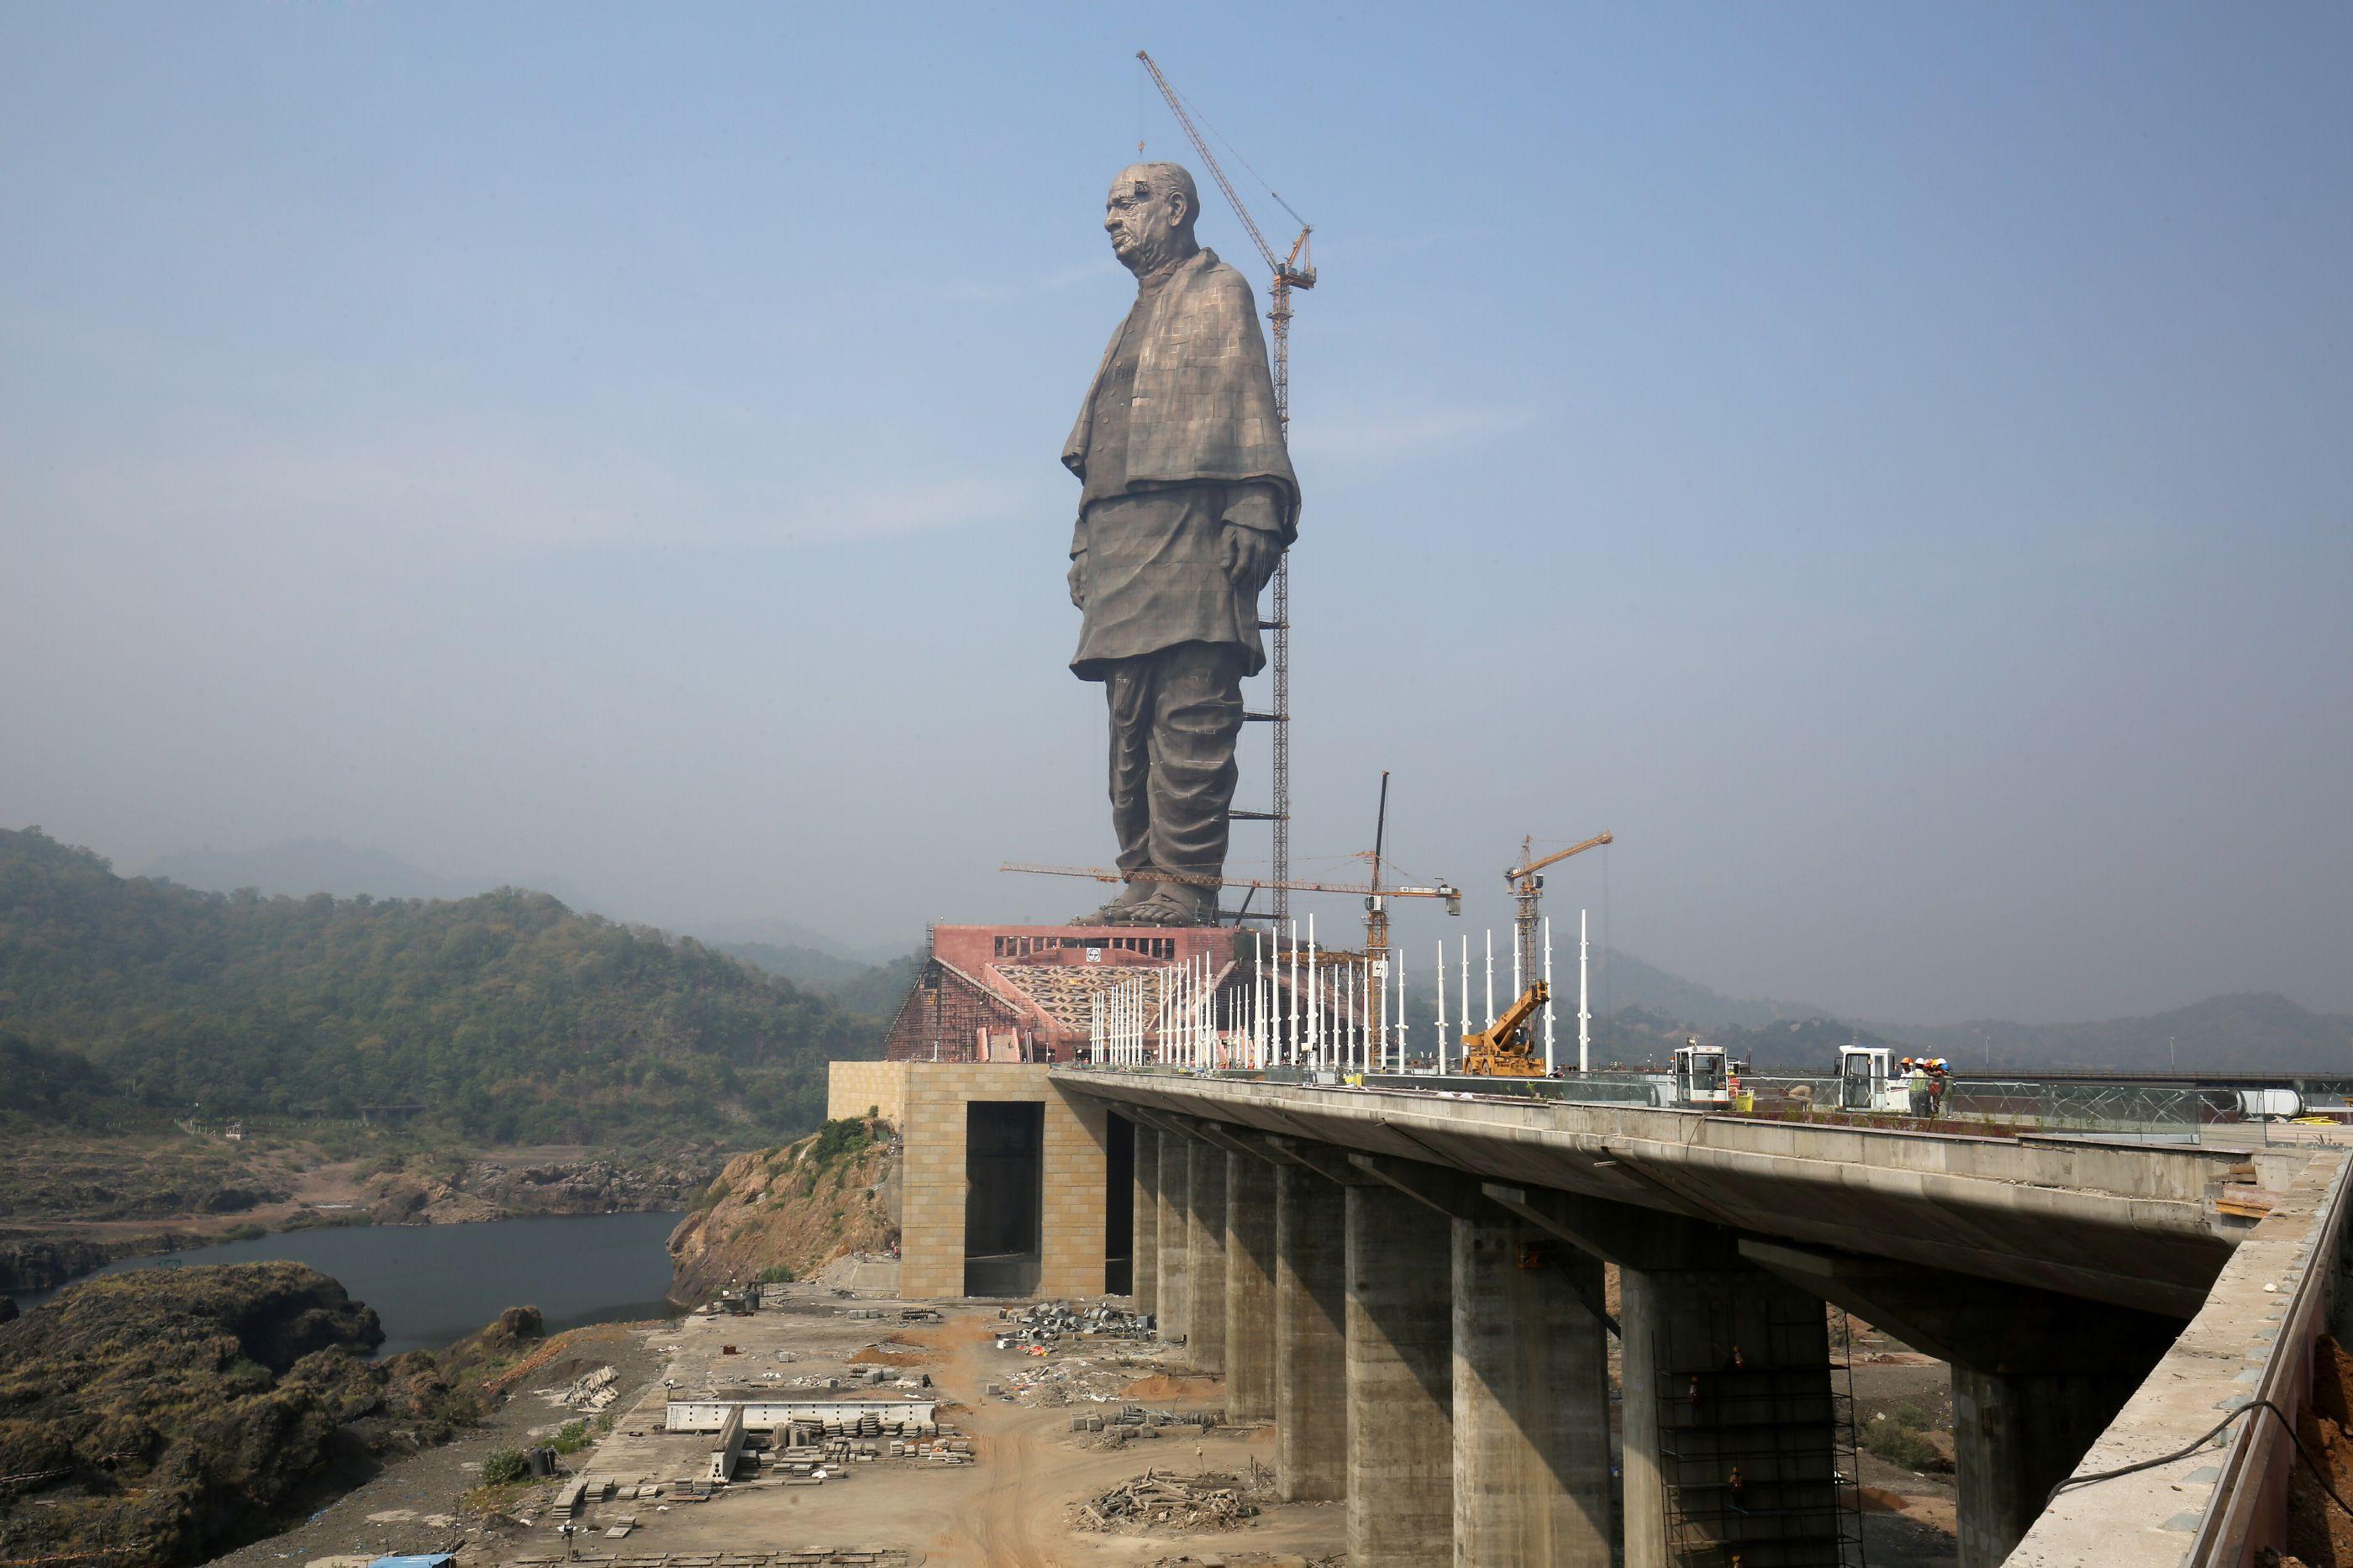 Esperam-se protestos na inauguração da Estátua da Unidade na Índia